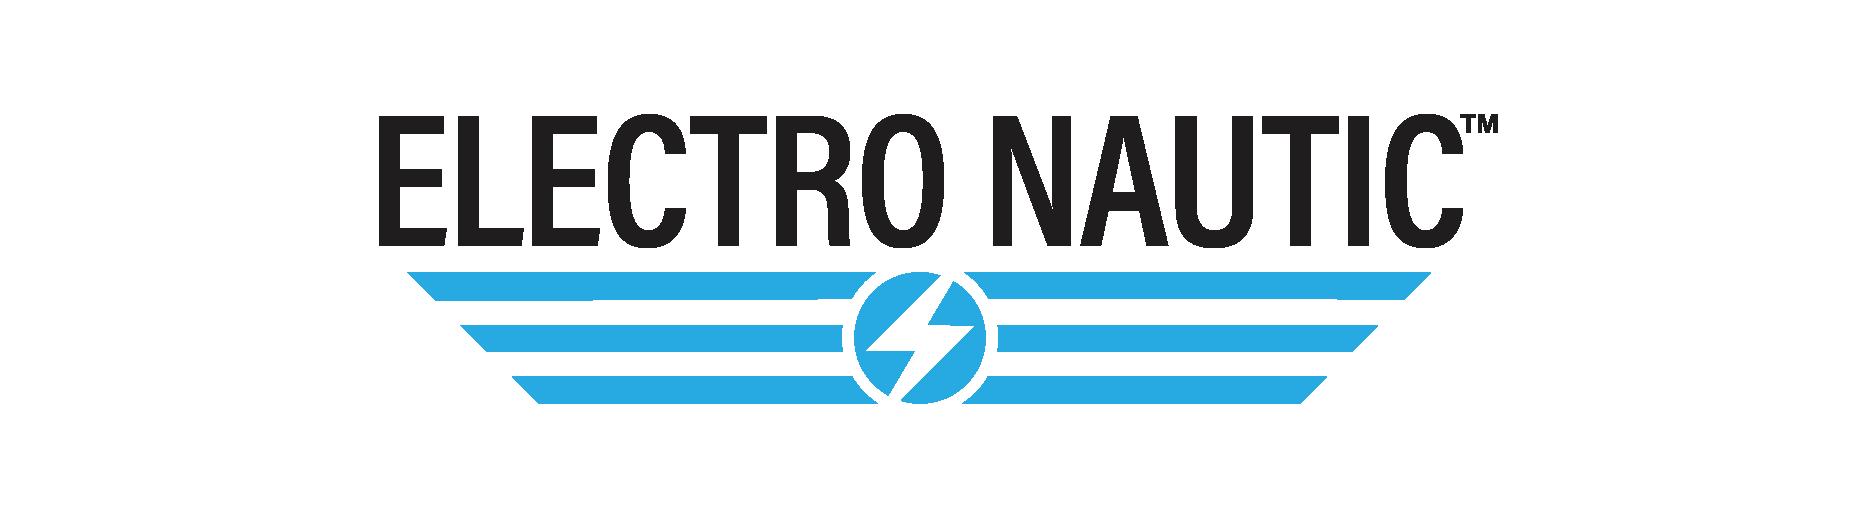 logos_black_padded_logo_white_electro_nautic.png